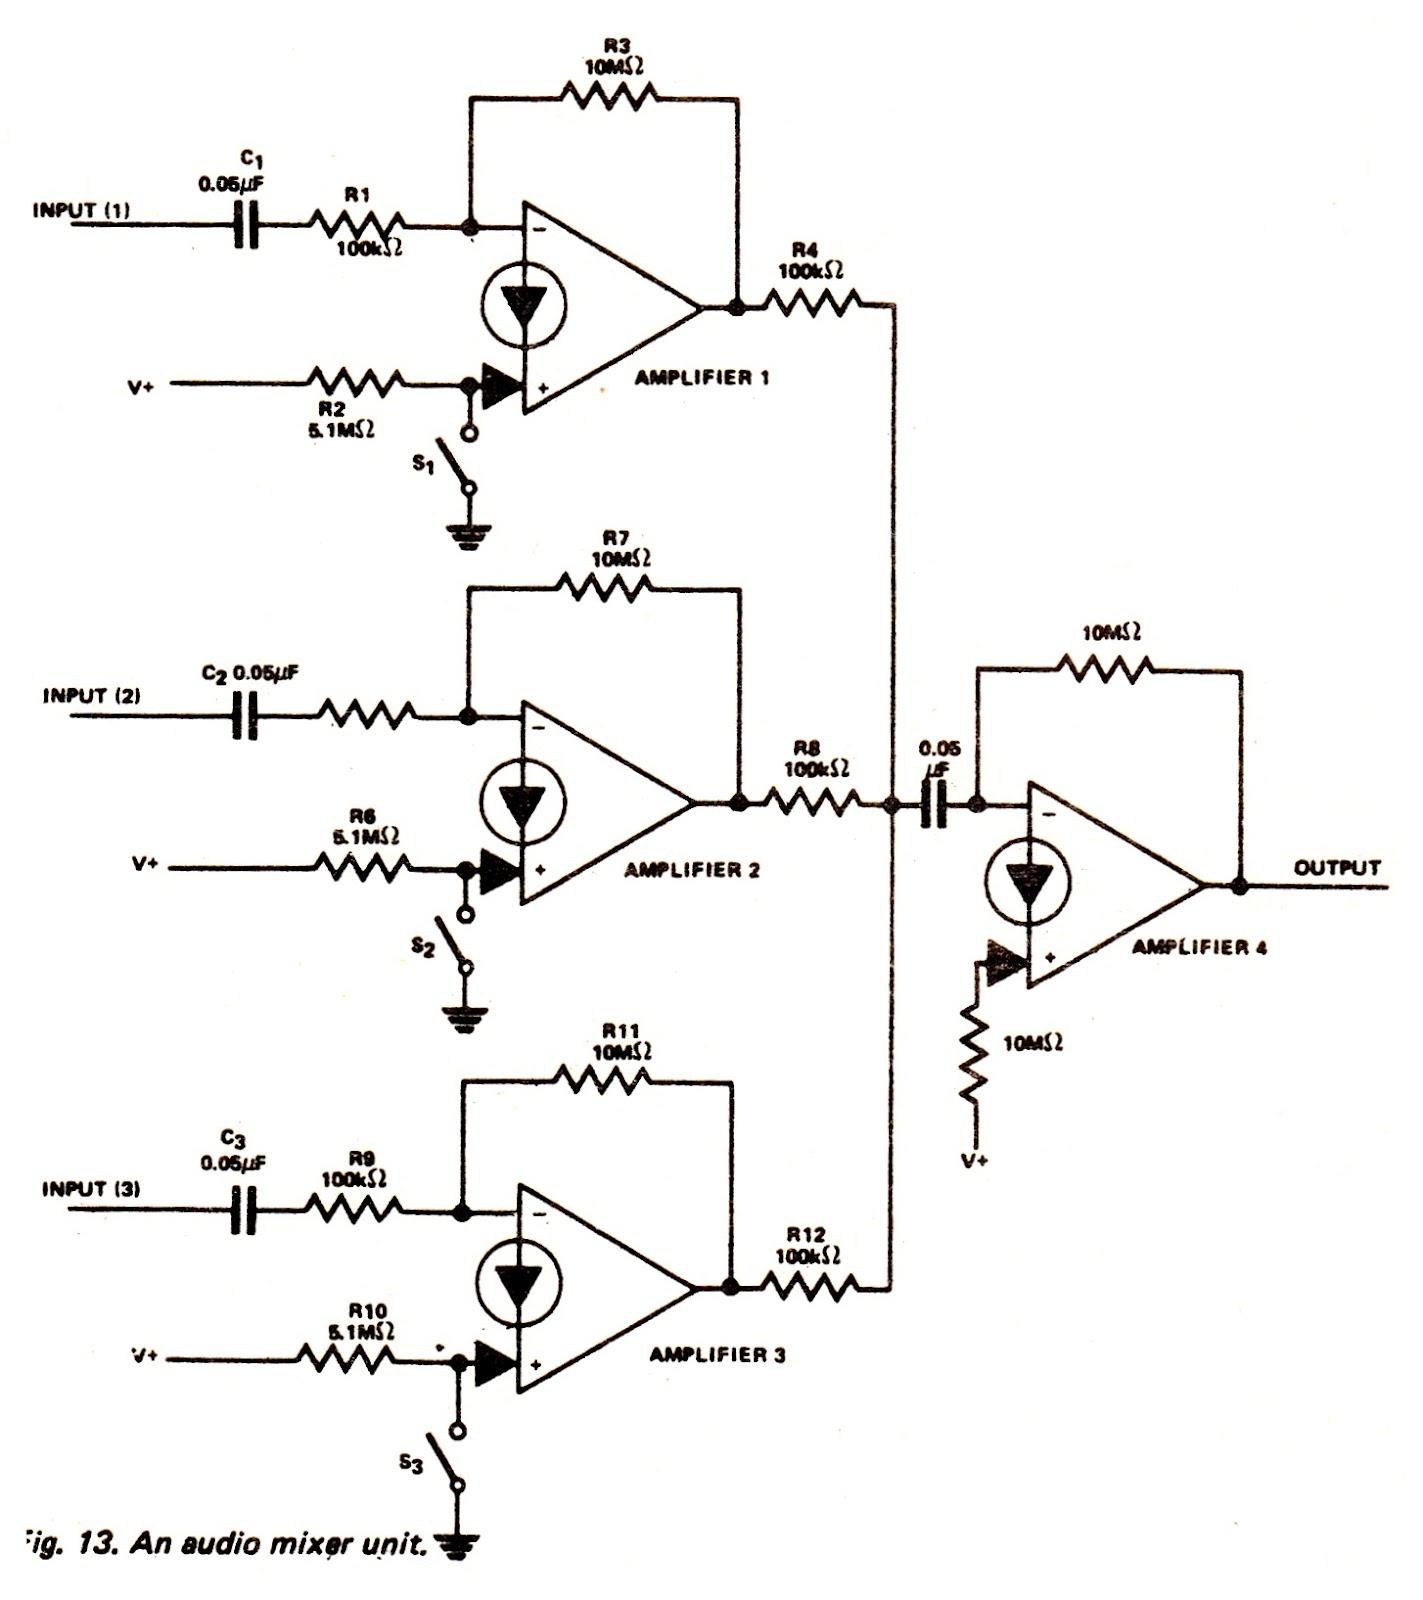 medium resolution of audio mixer circuit simple mixer circuit audio mixer circuit diagram passive audio mixer circuit audio mixer